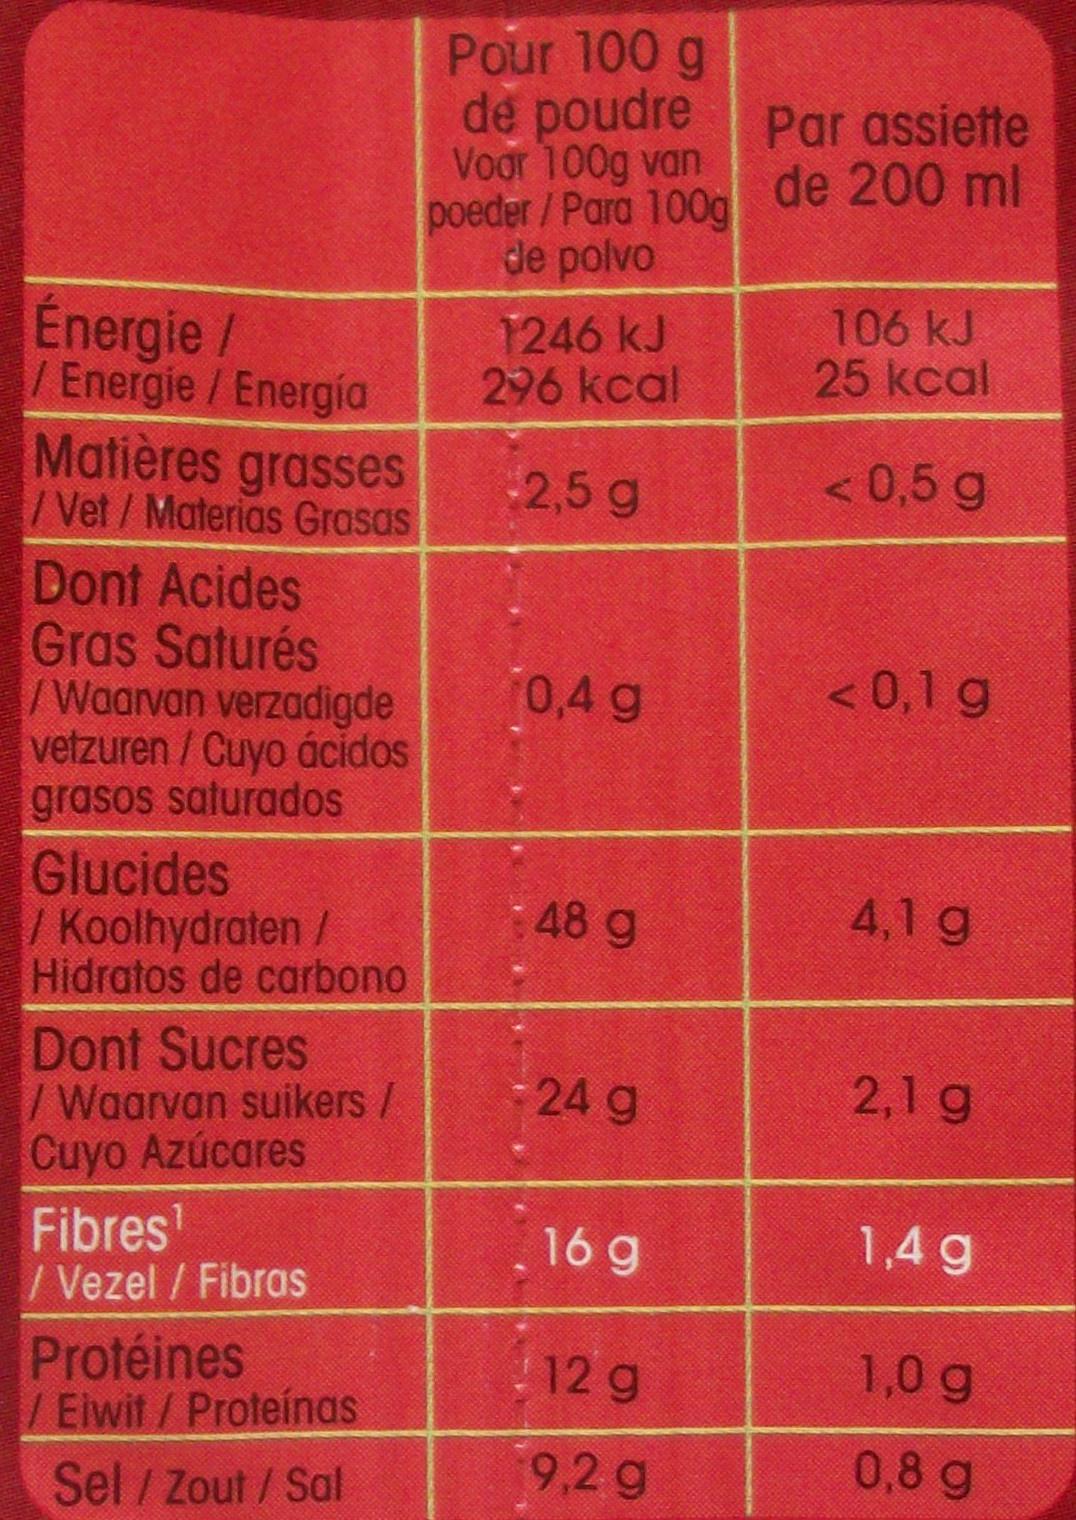 Potabio à la tomate - Nutrition facts - fr